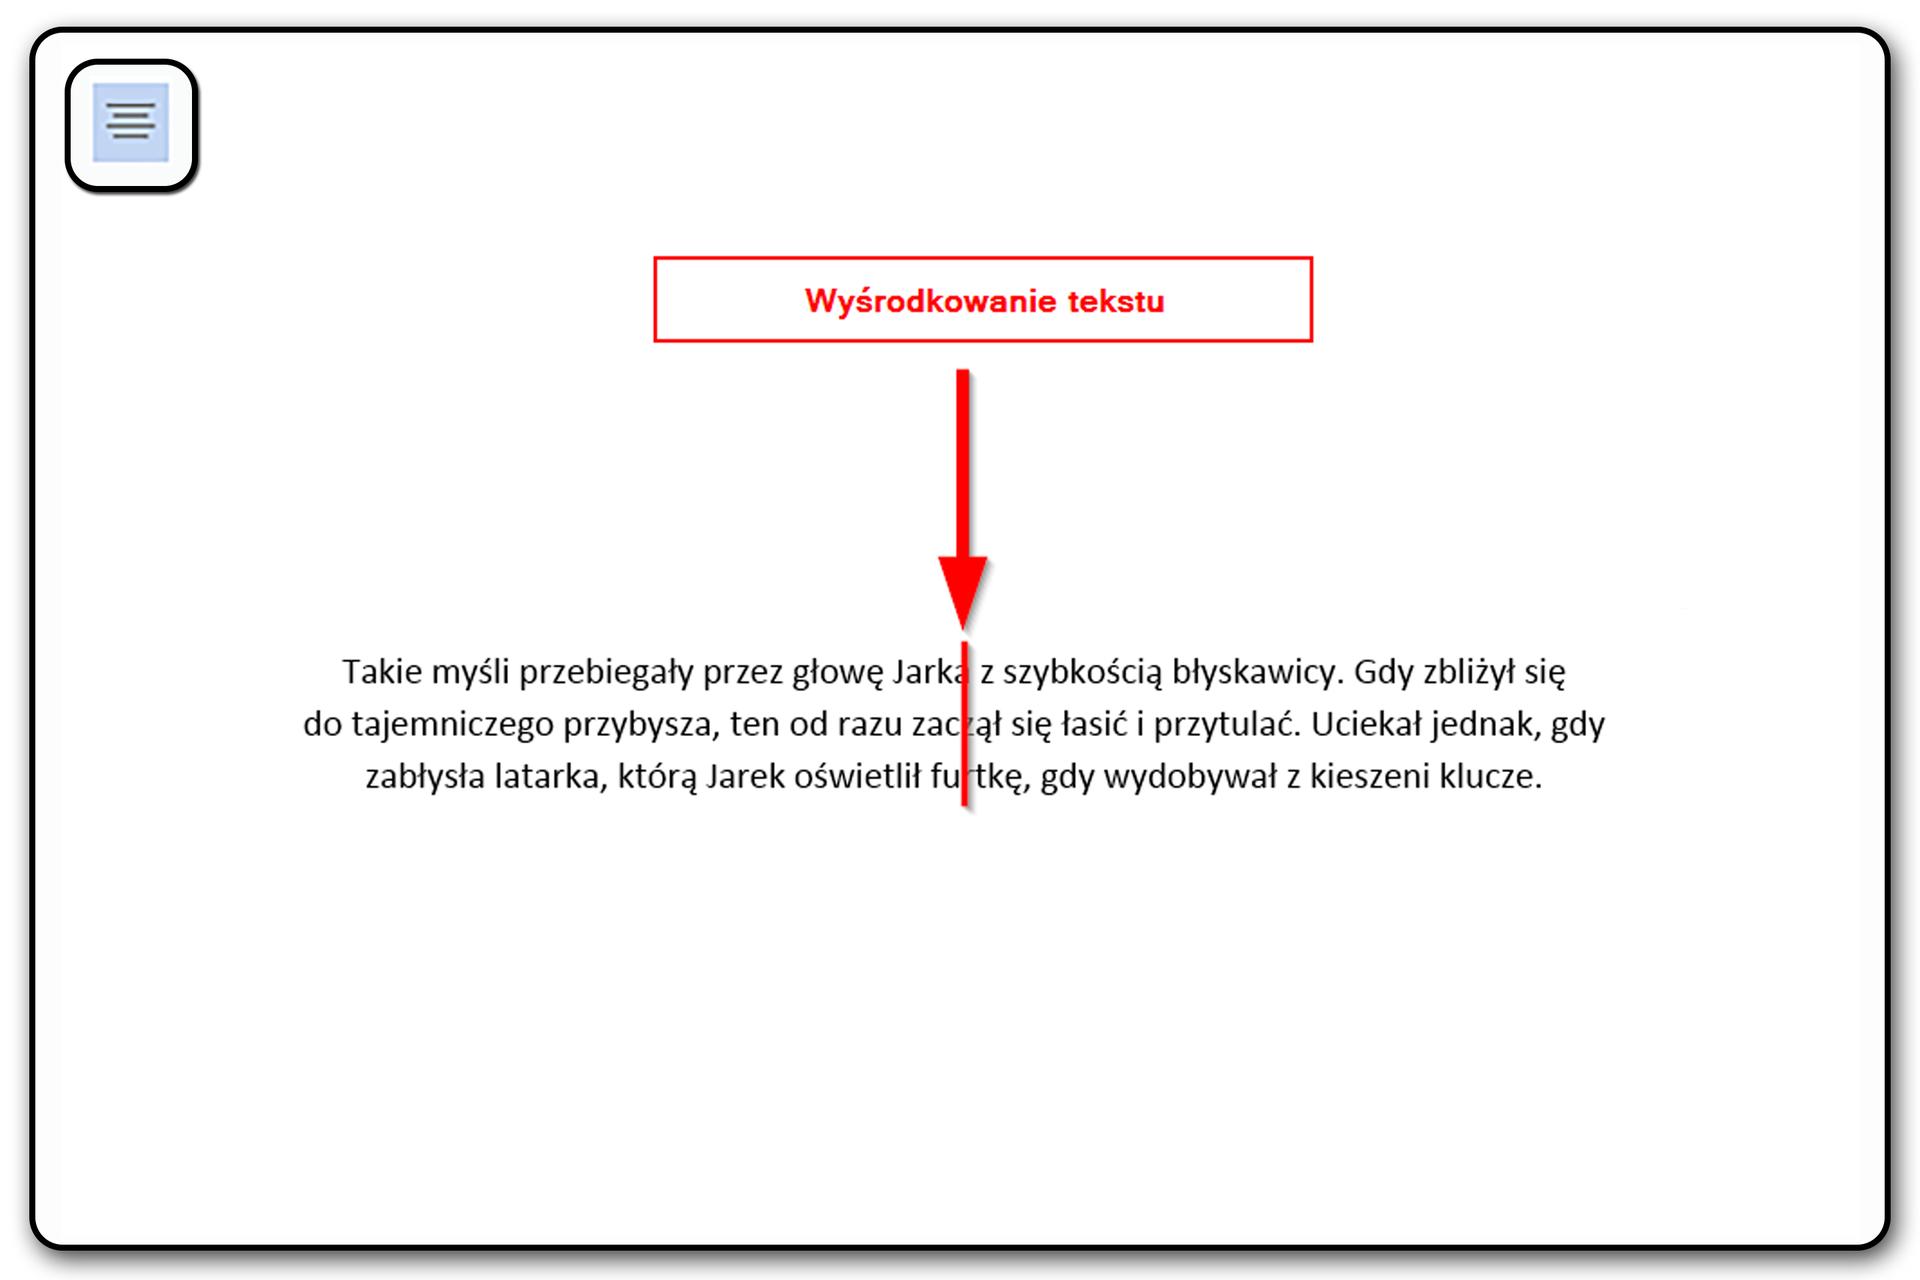 Slajd 5 galerii: Zastosowanie poszczególnych narzędzi wyrównywania tekstu